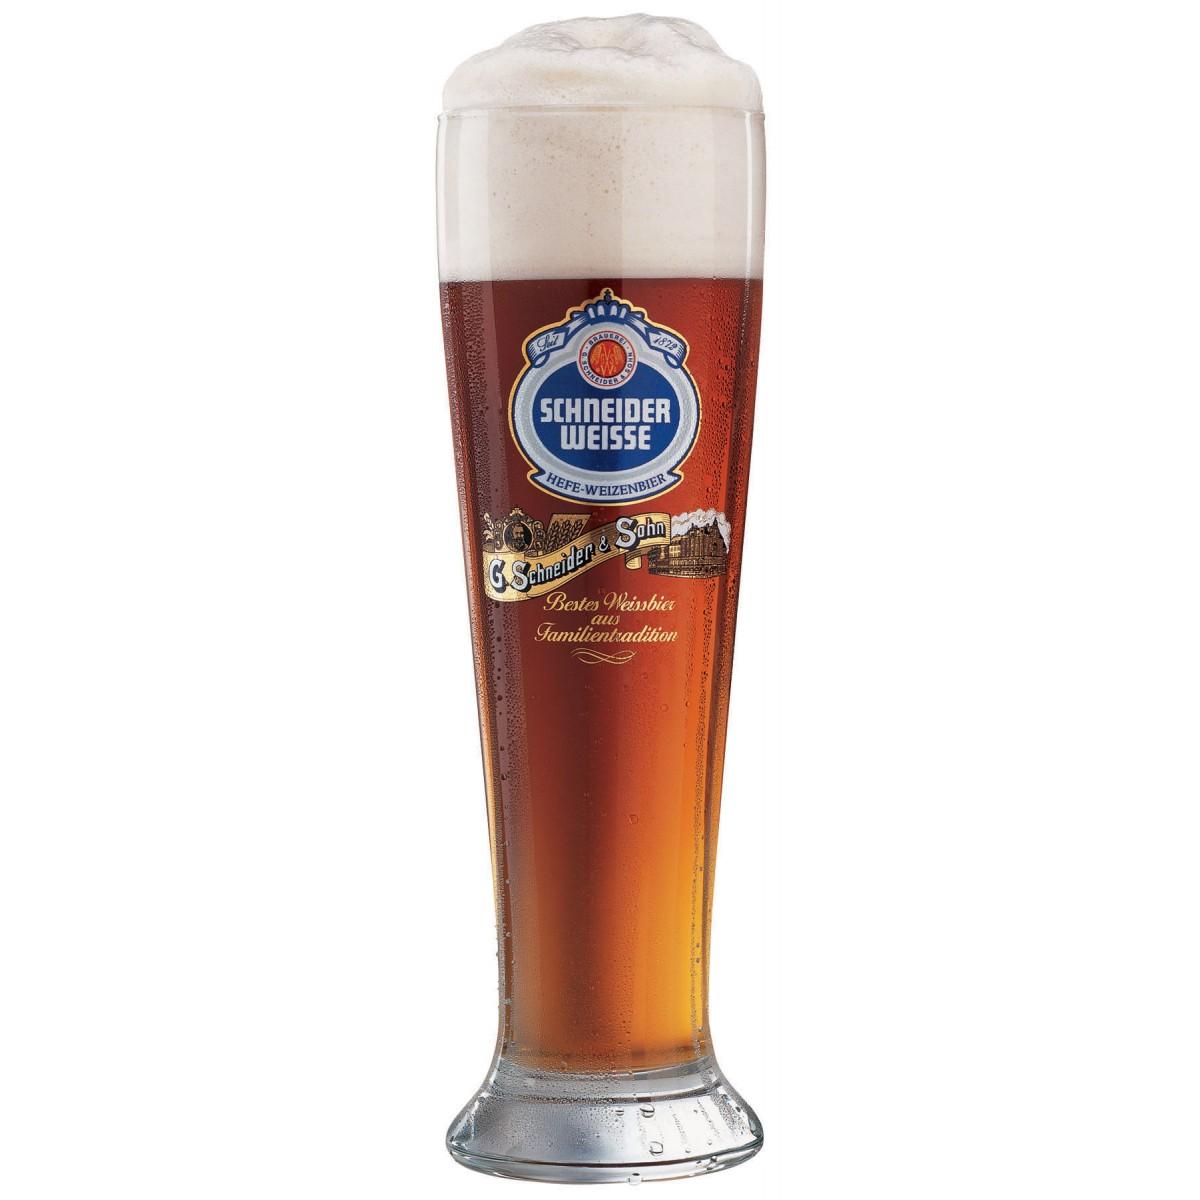 Schneider weisse copo original 500ml 1